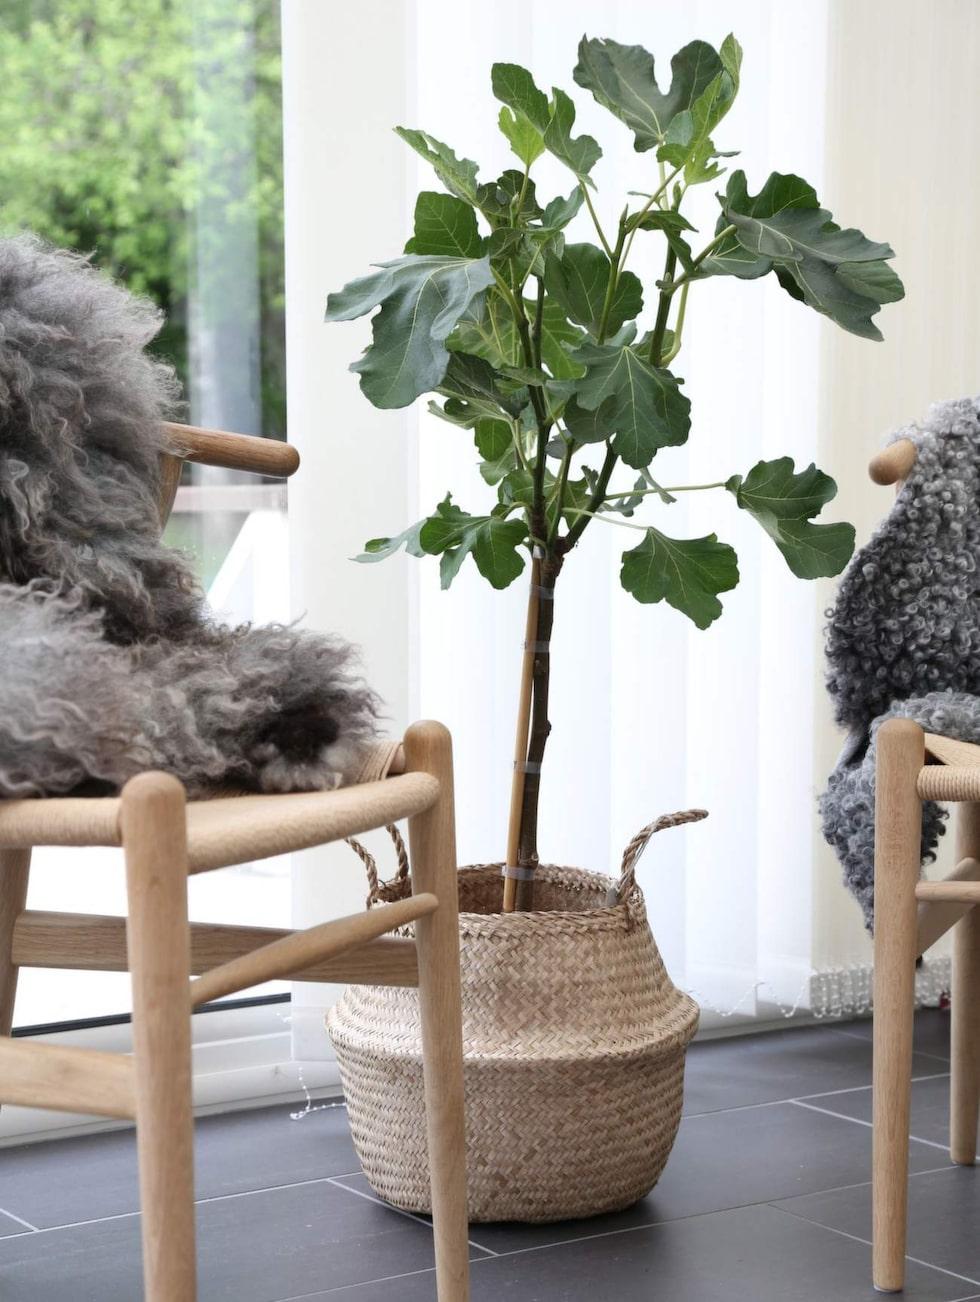 Att inreda med växter kan verkligen lyfta ett hem, menar Frida.